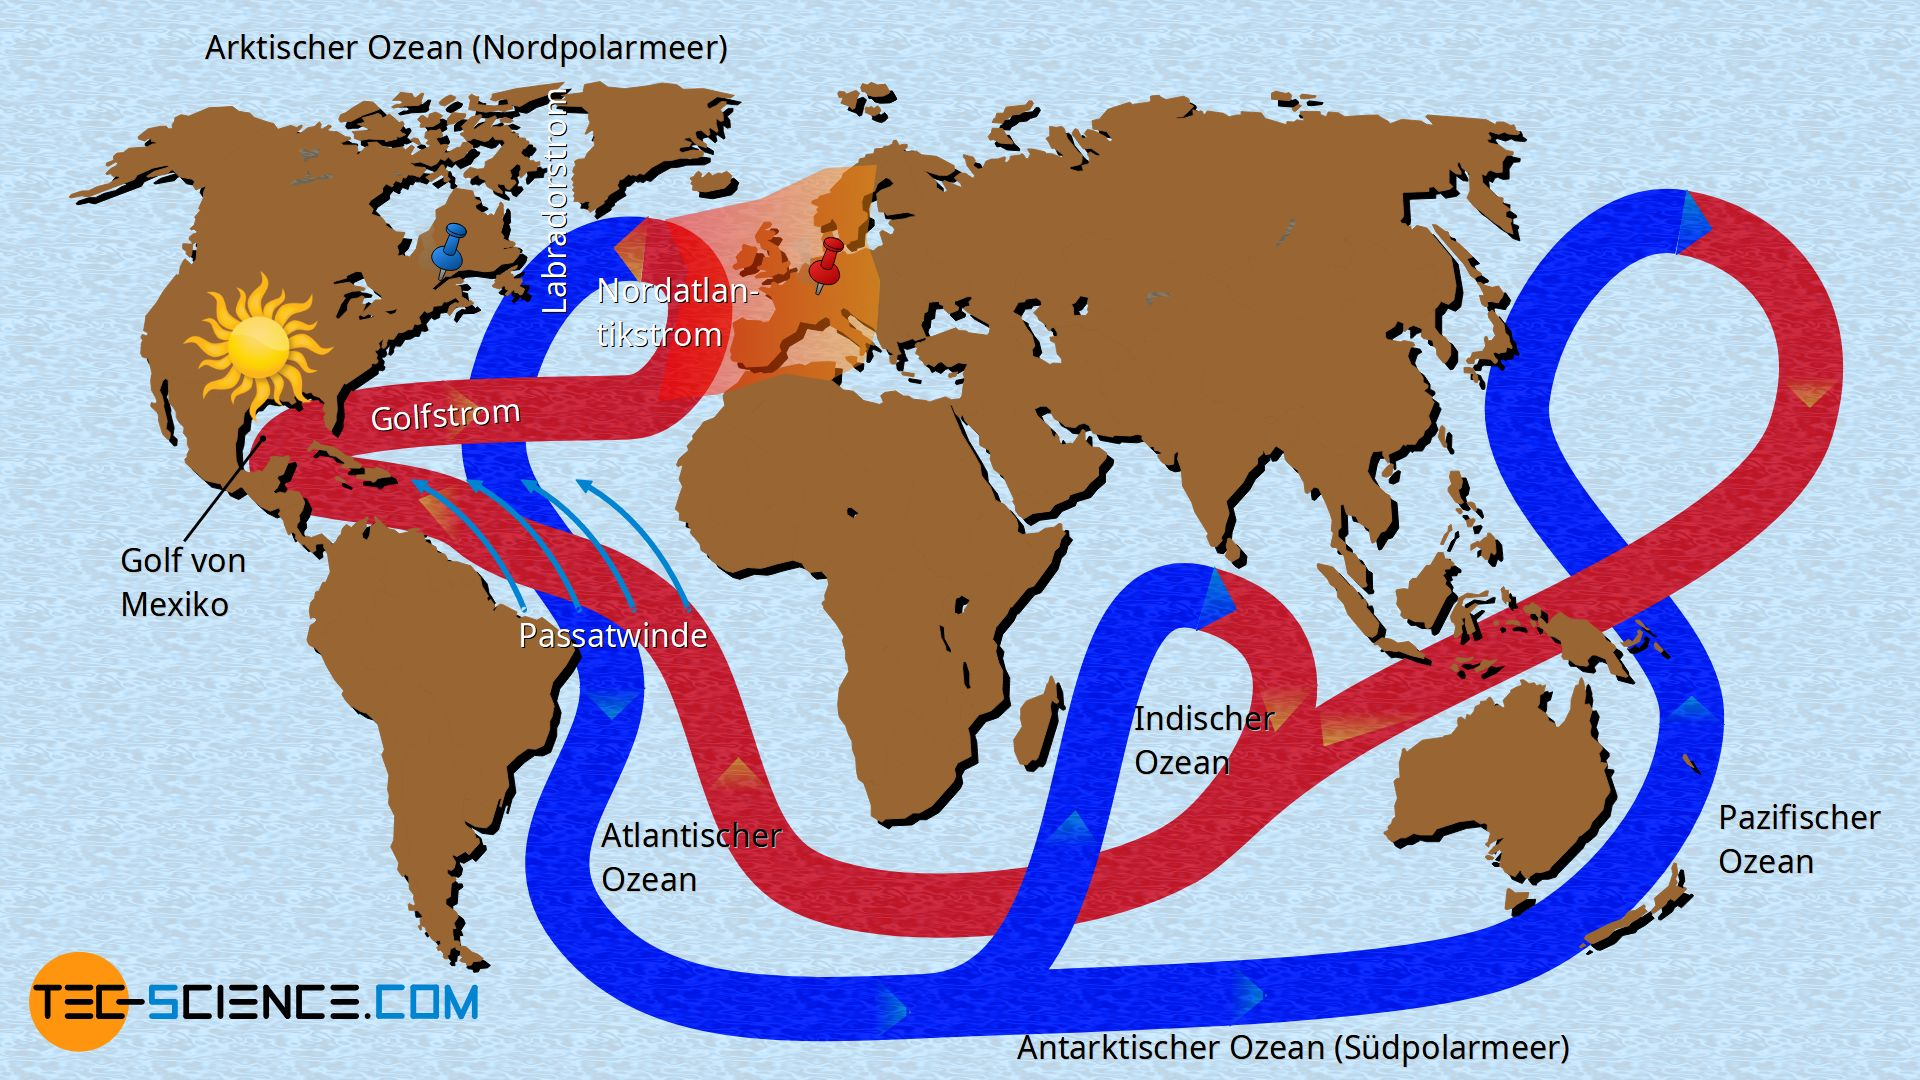 Globales Förderband der Erde (Golfstrom)